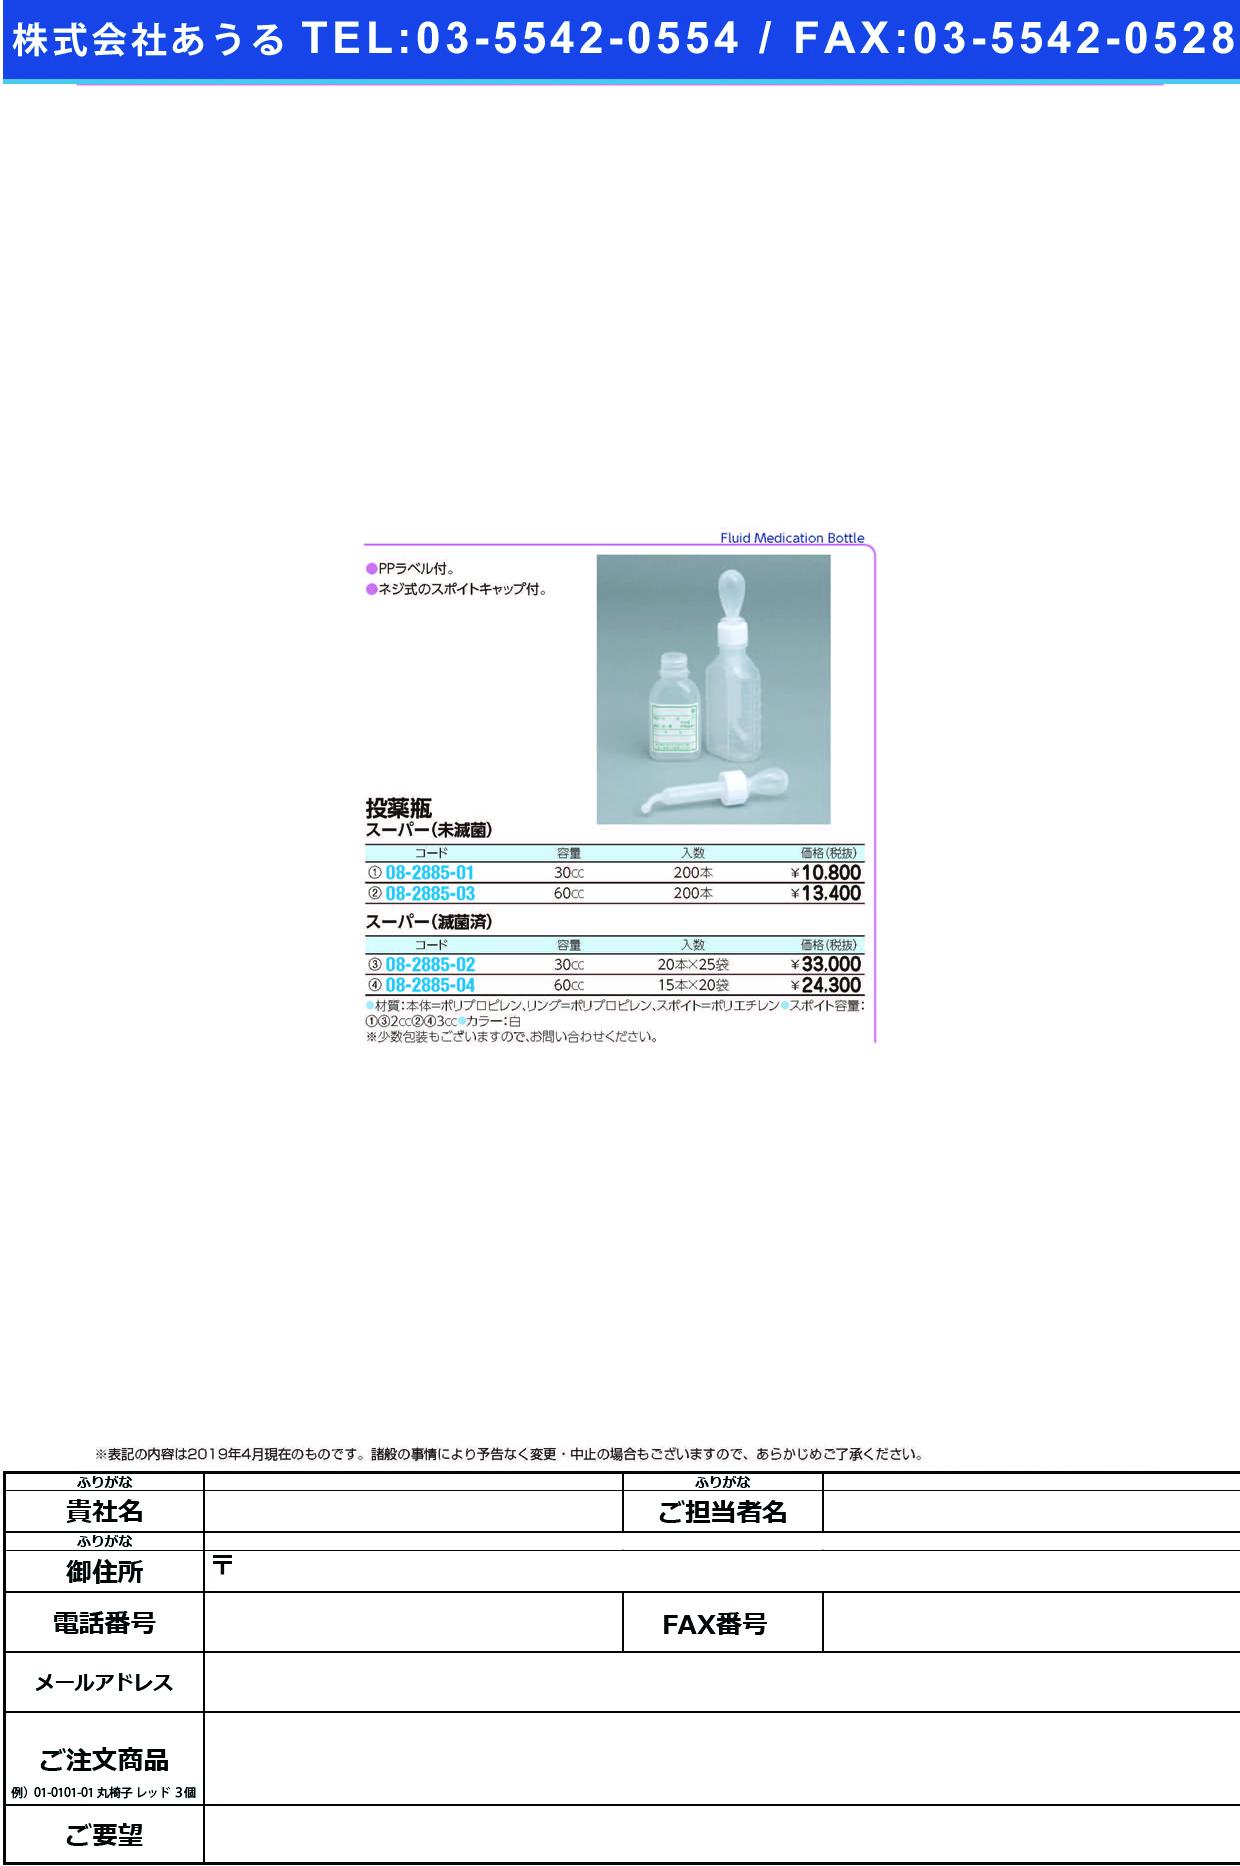 (08-2885-04)投薬瓶スーパー(滅菌済) 60CC(15ホンX20フクロイリ) トウヤクビンスーパーメッキンズミ(エムアイケミカル)【1梱単位】【2019年カタログ商品】